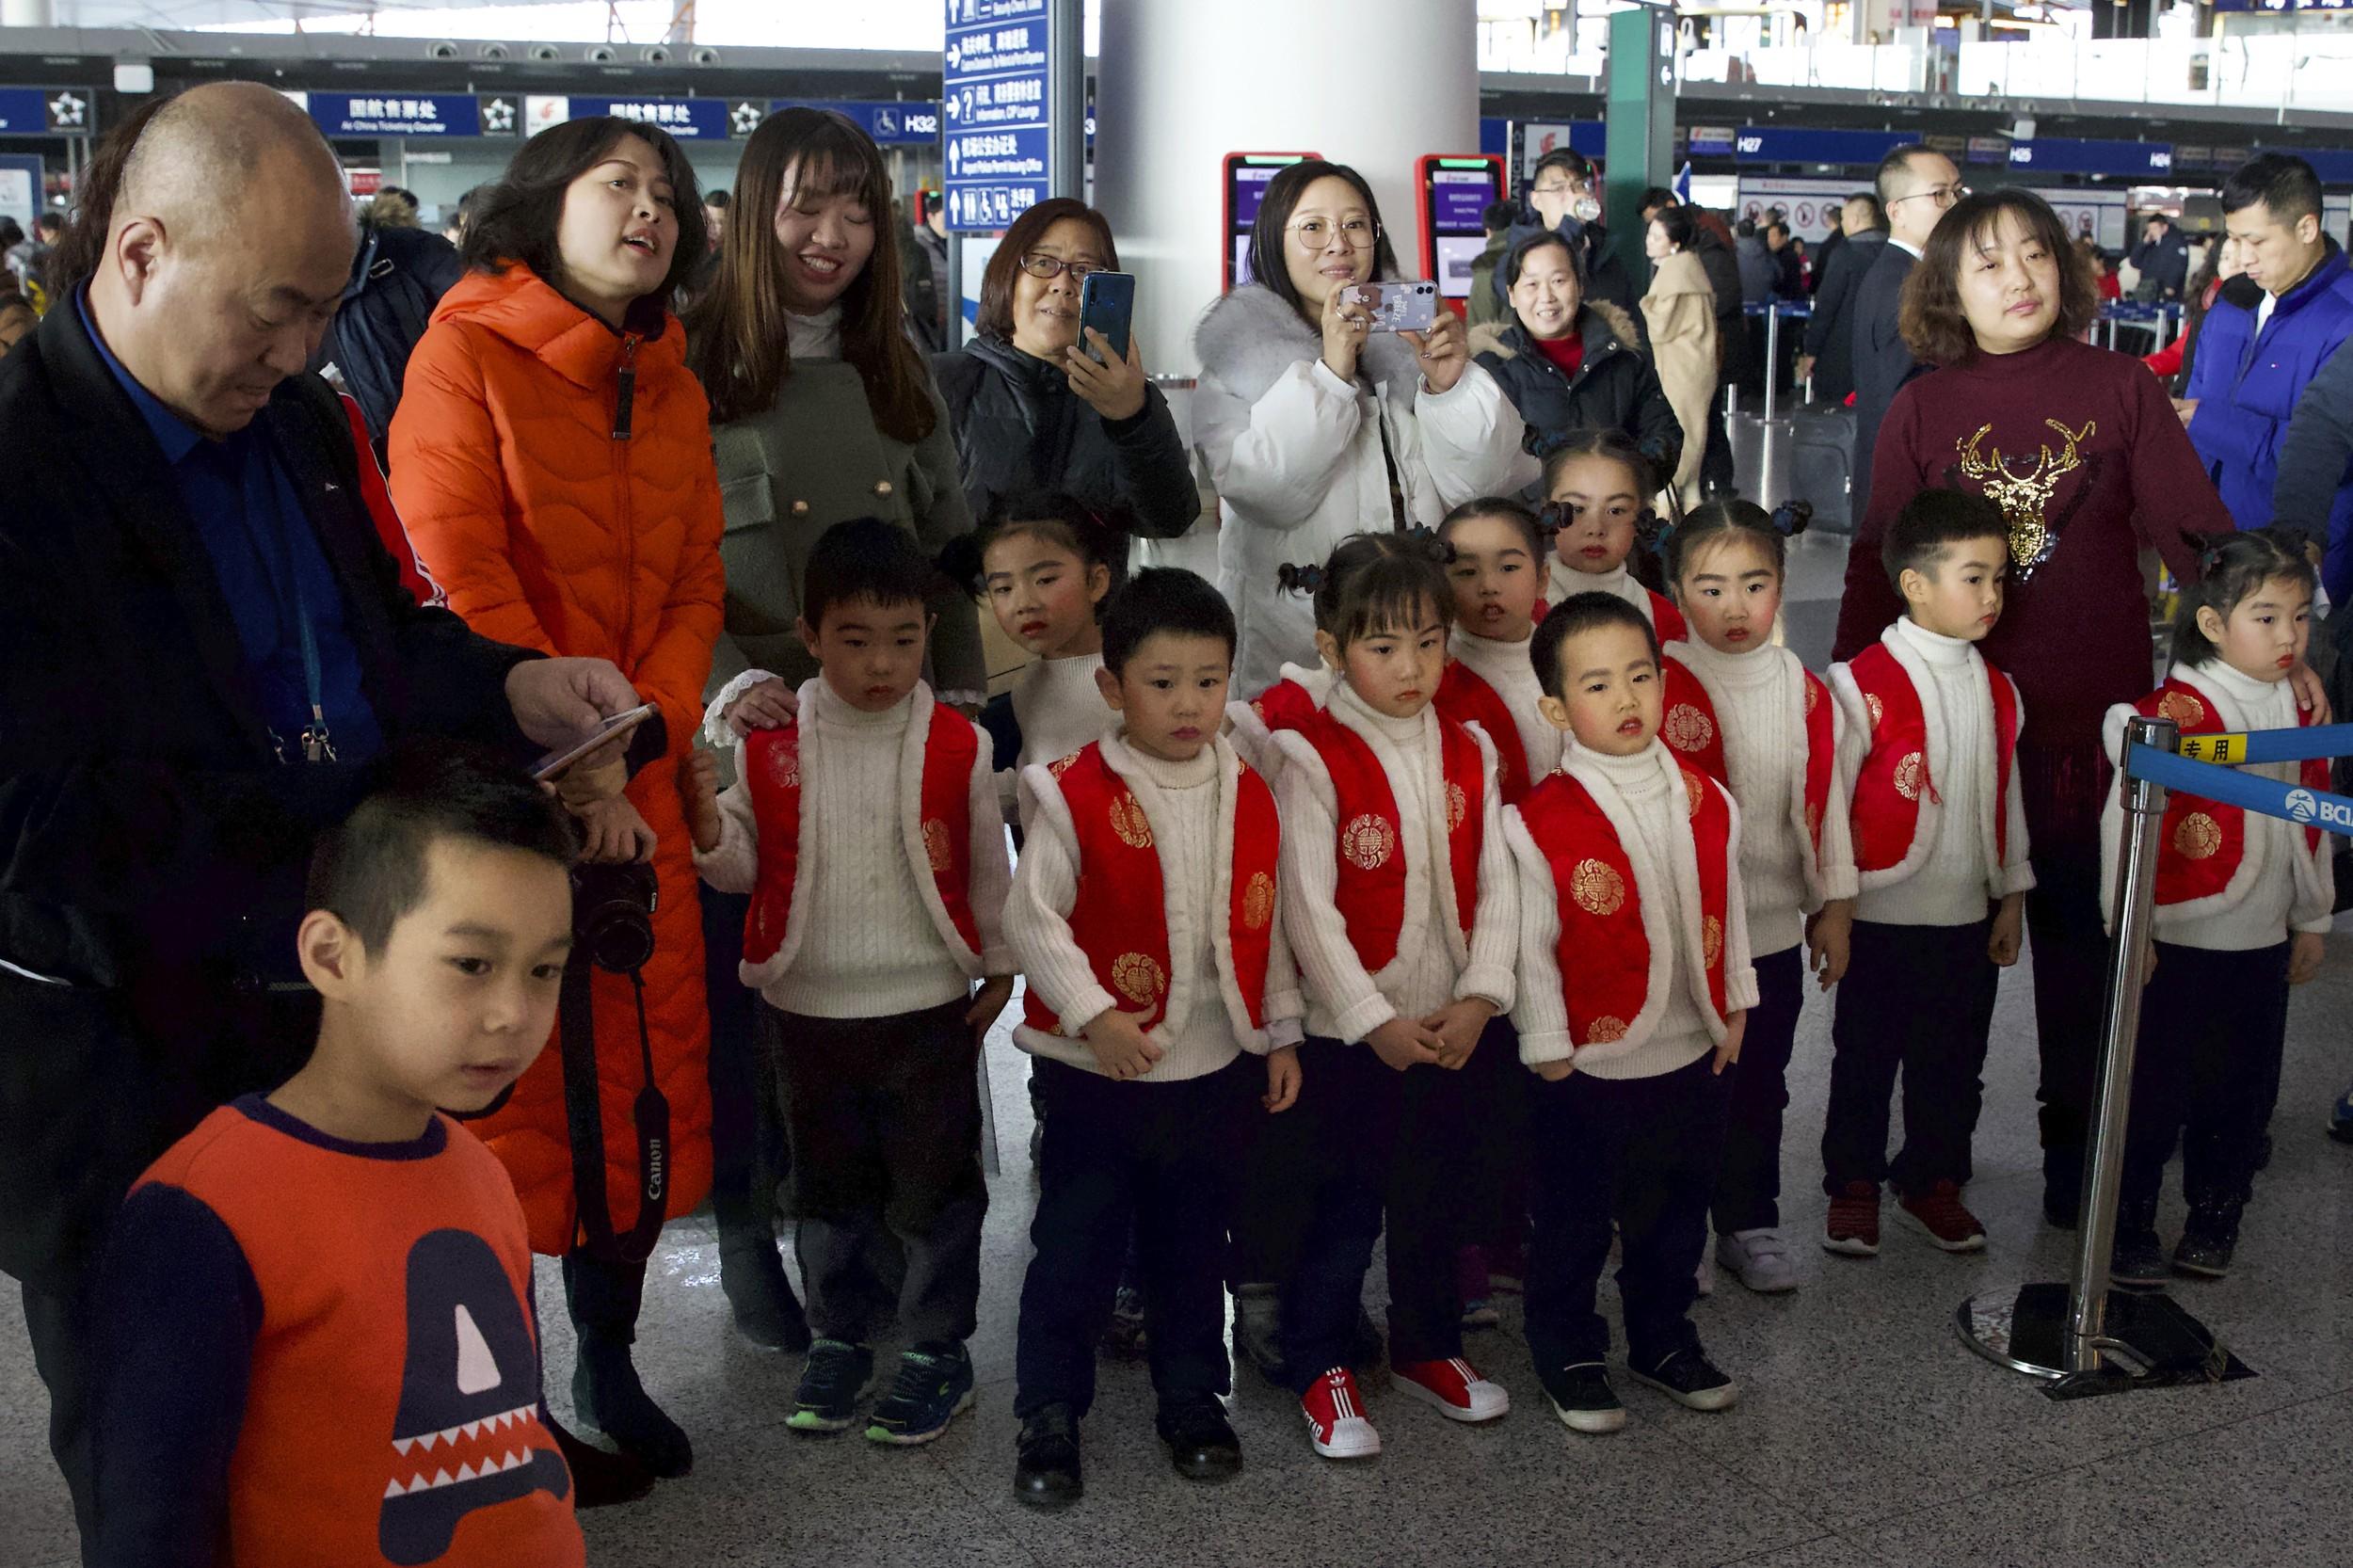 2020年1月17日,一些儿童在北京首都国际机场参加一个表演活动。(美联社)